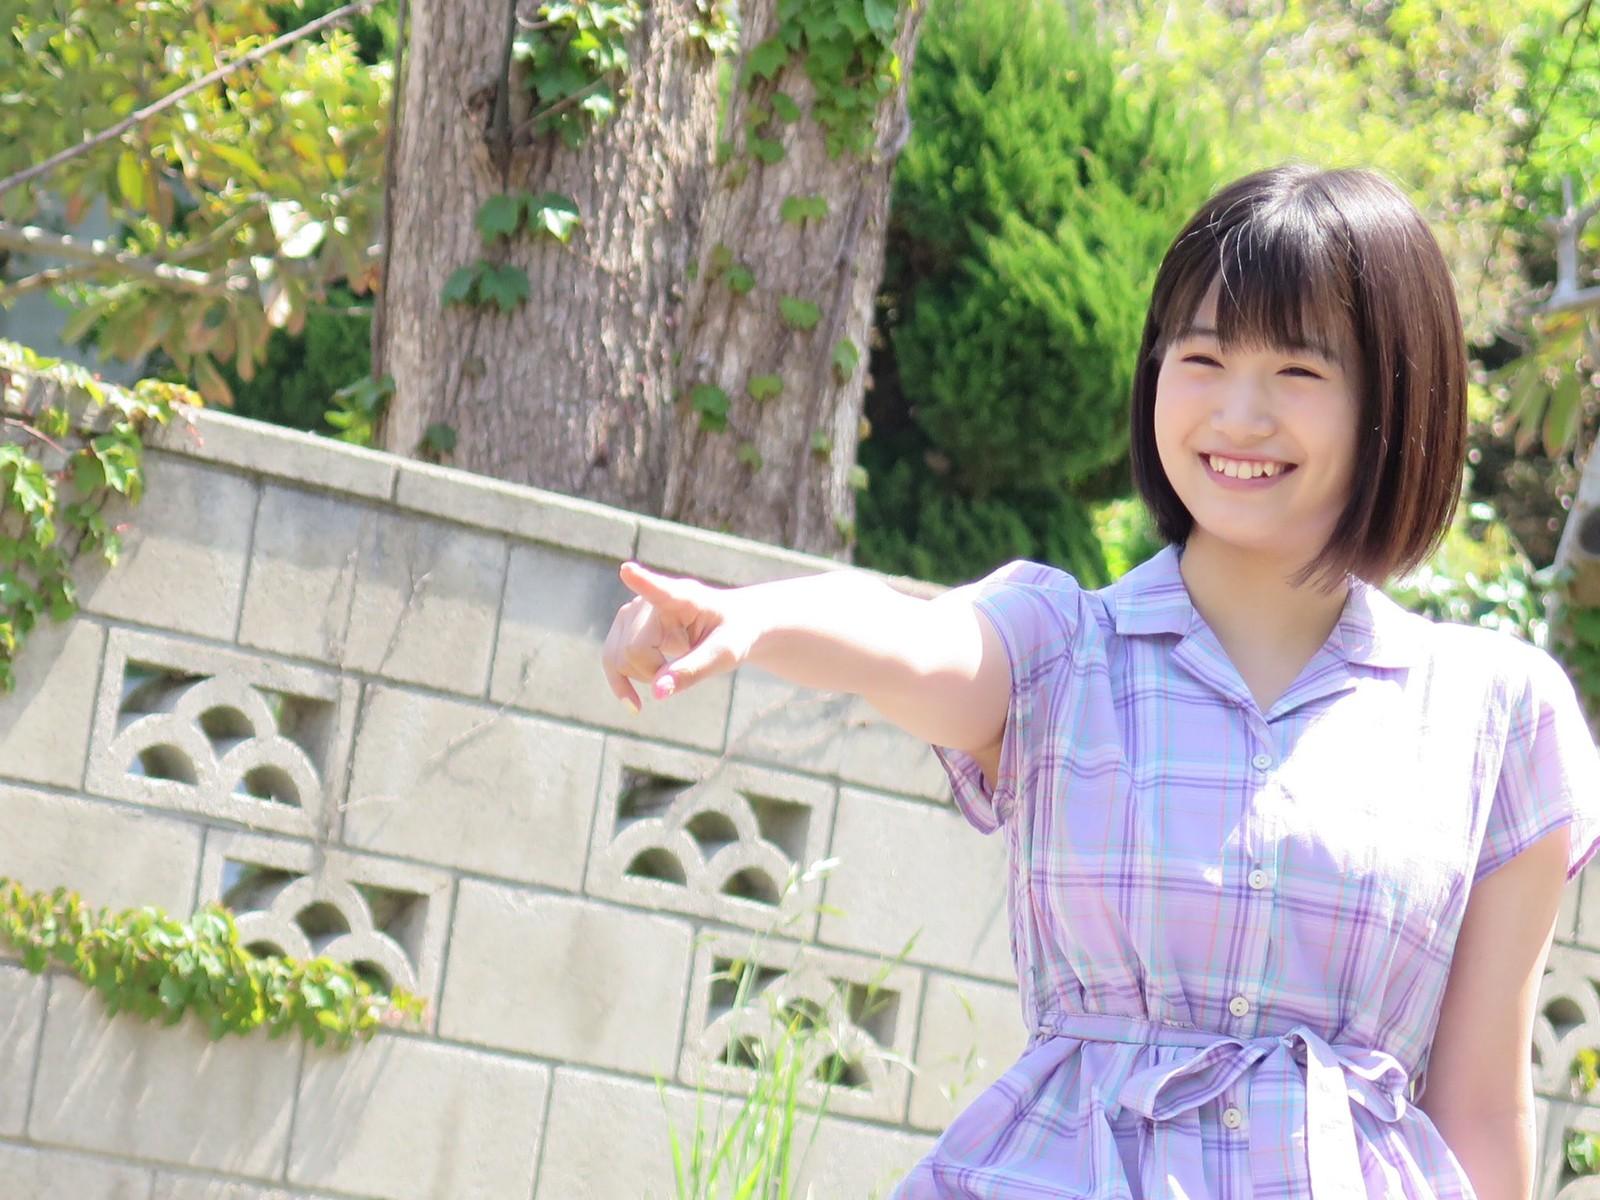 美桜ちゃん「お前、消えちゃえ」 他